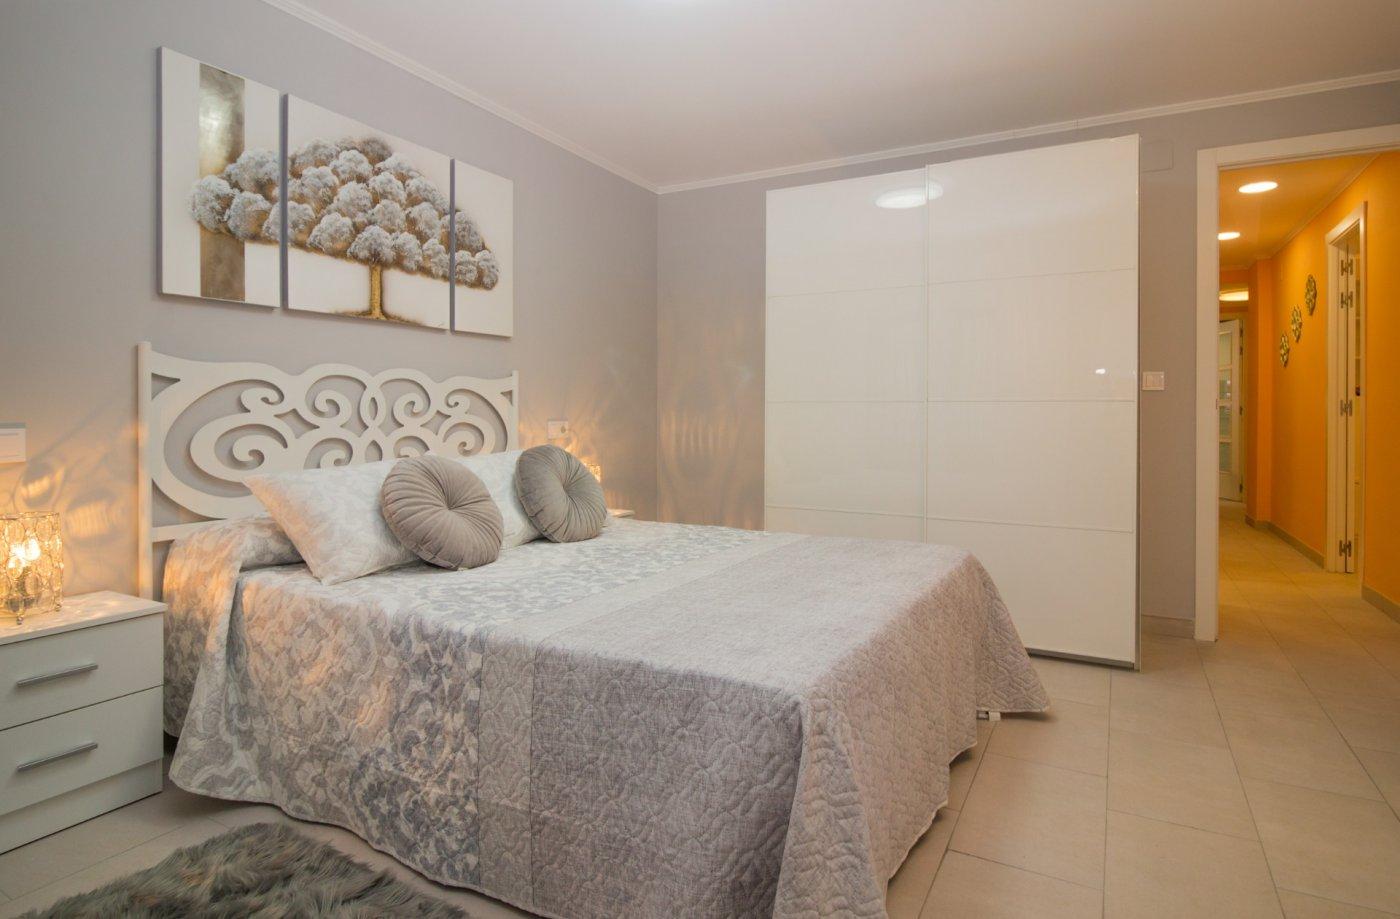 Precioso piso con decoración exclusiva en ronda mijares, castellón - imagenInmueble0